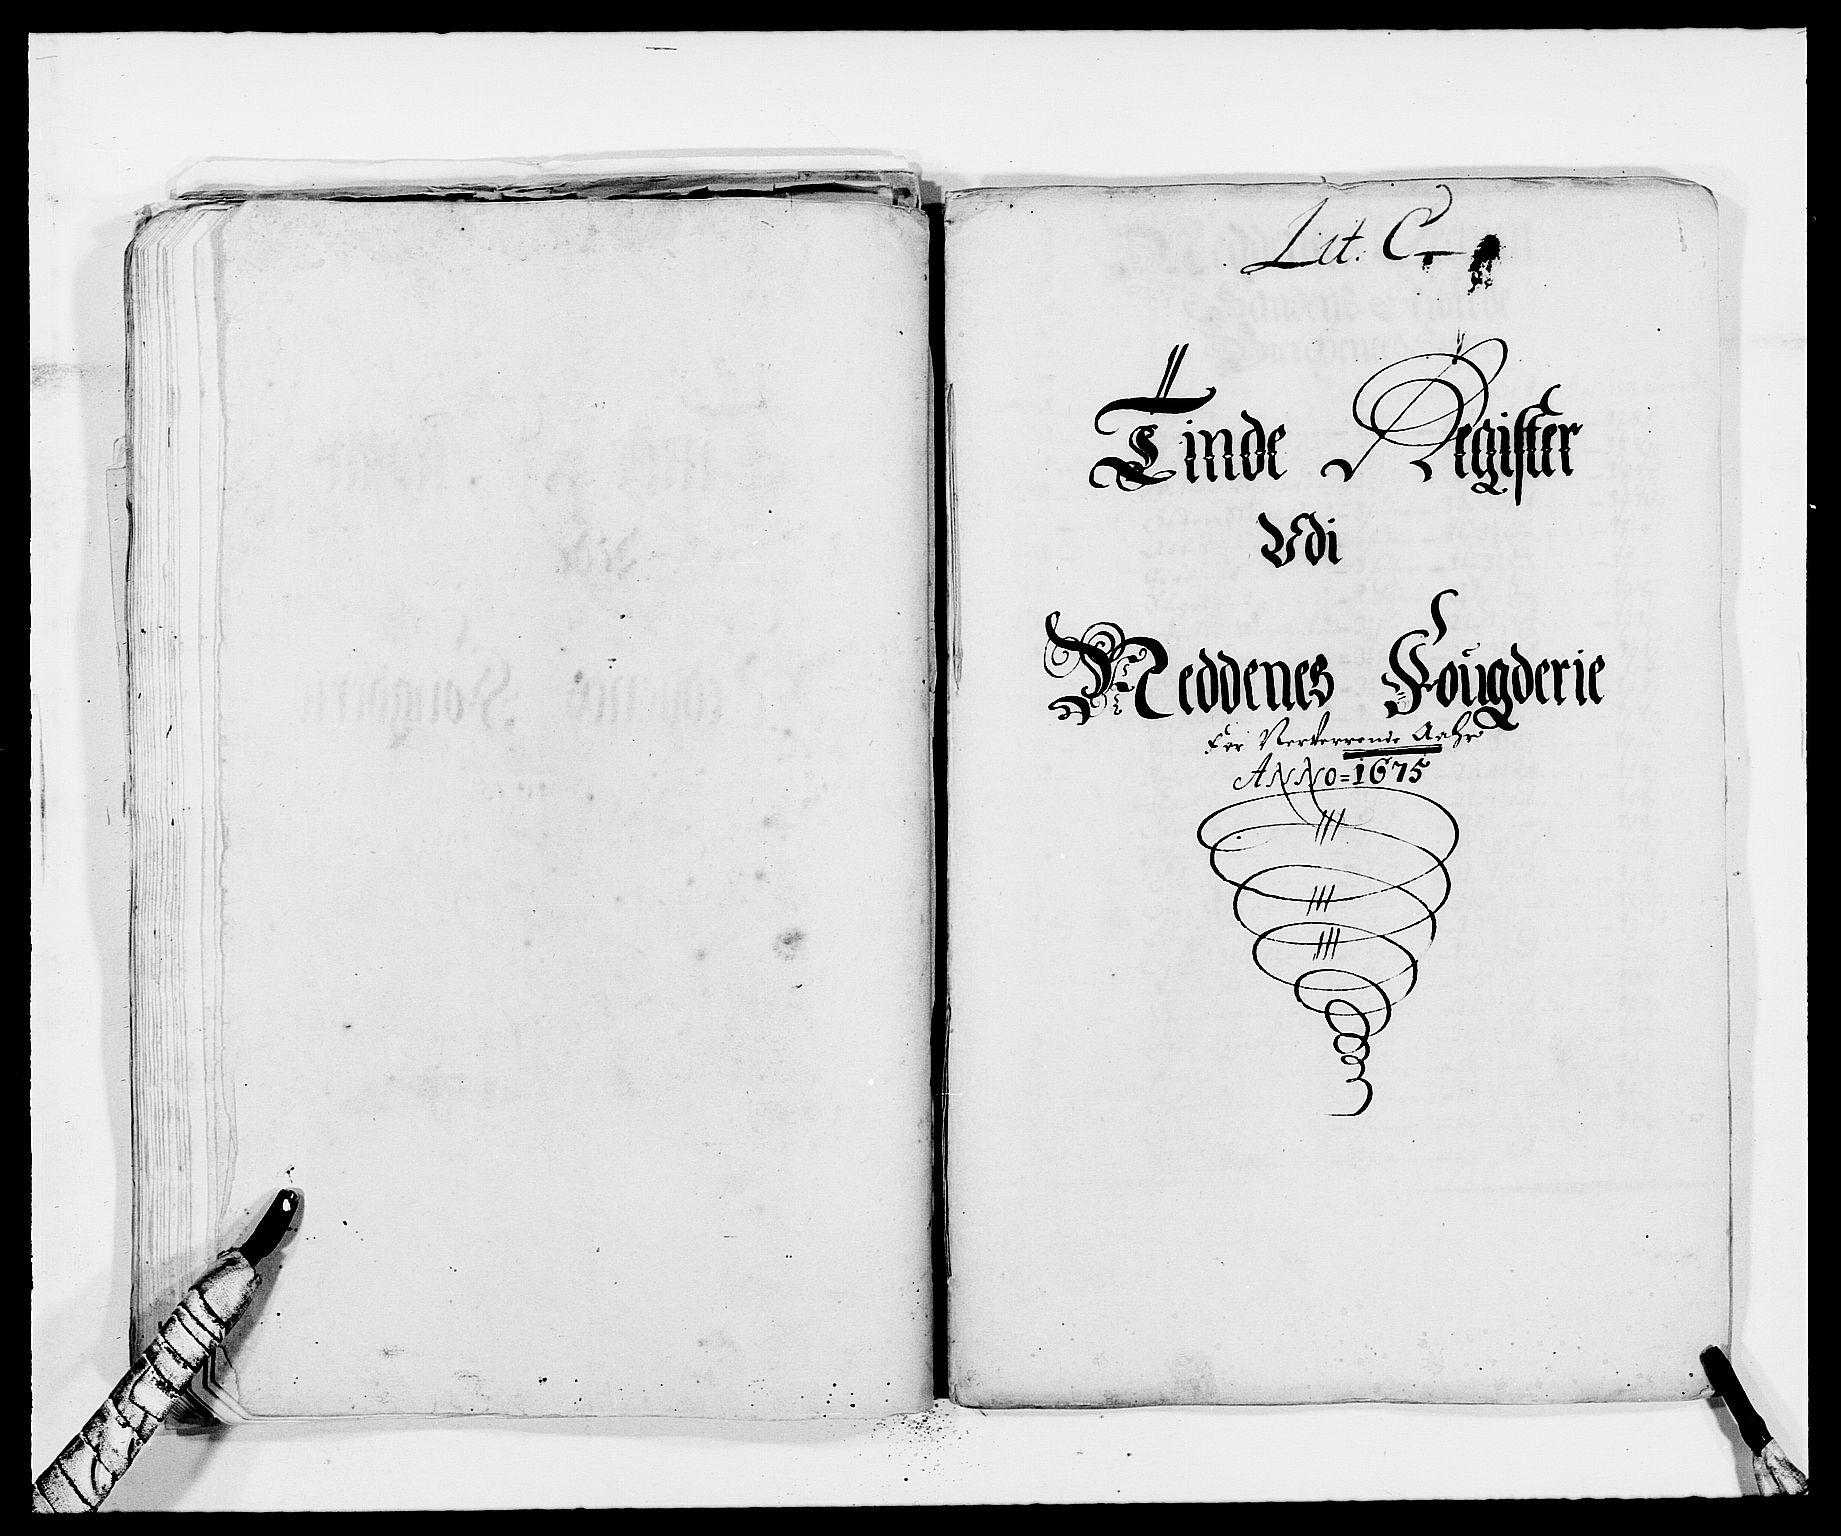 RA, Rentekammeret inntil 1814, Reviderte regnskaper, Fogderegnskap, R39/L2301: Fogderegnskap Nedenes, 1675-1676, s. 60